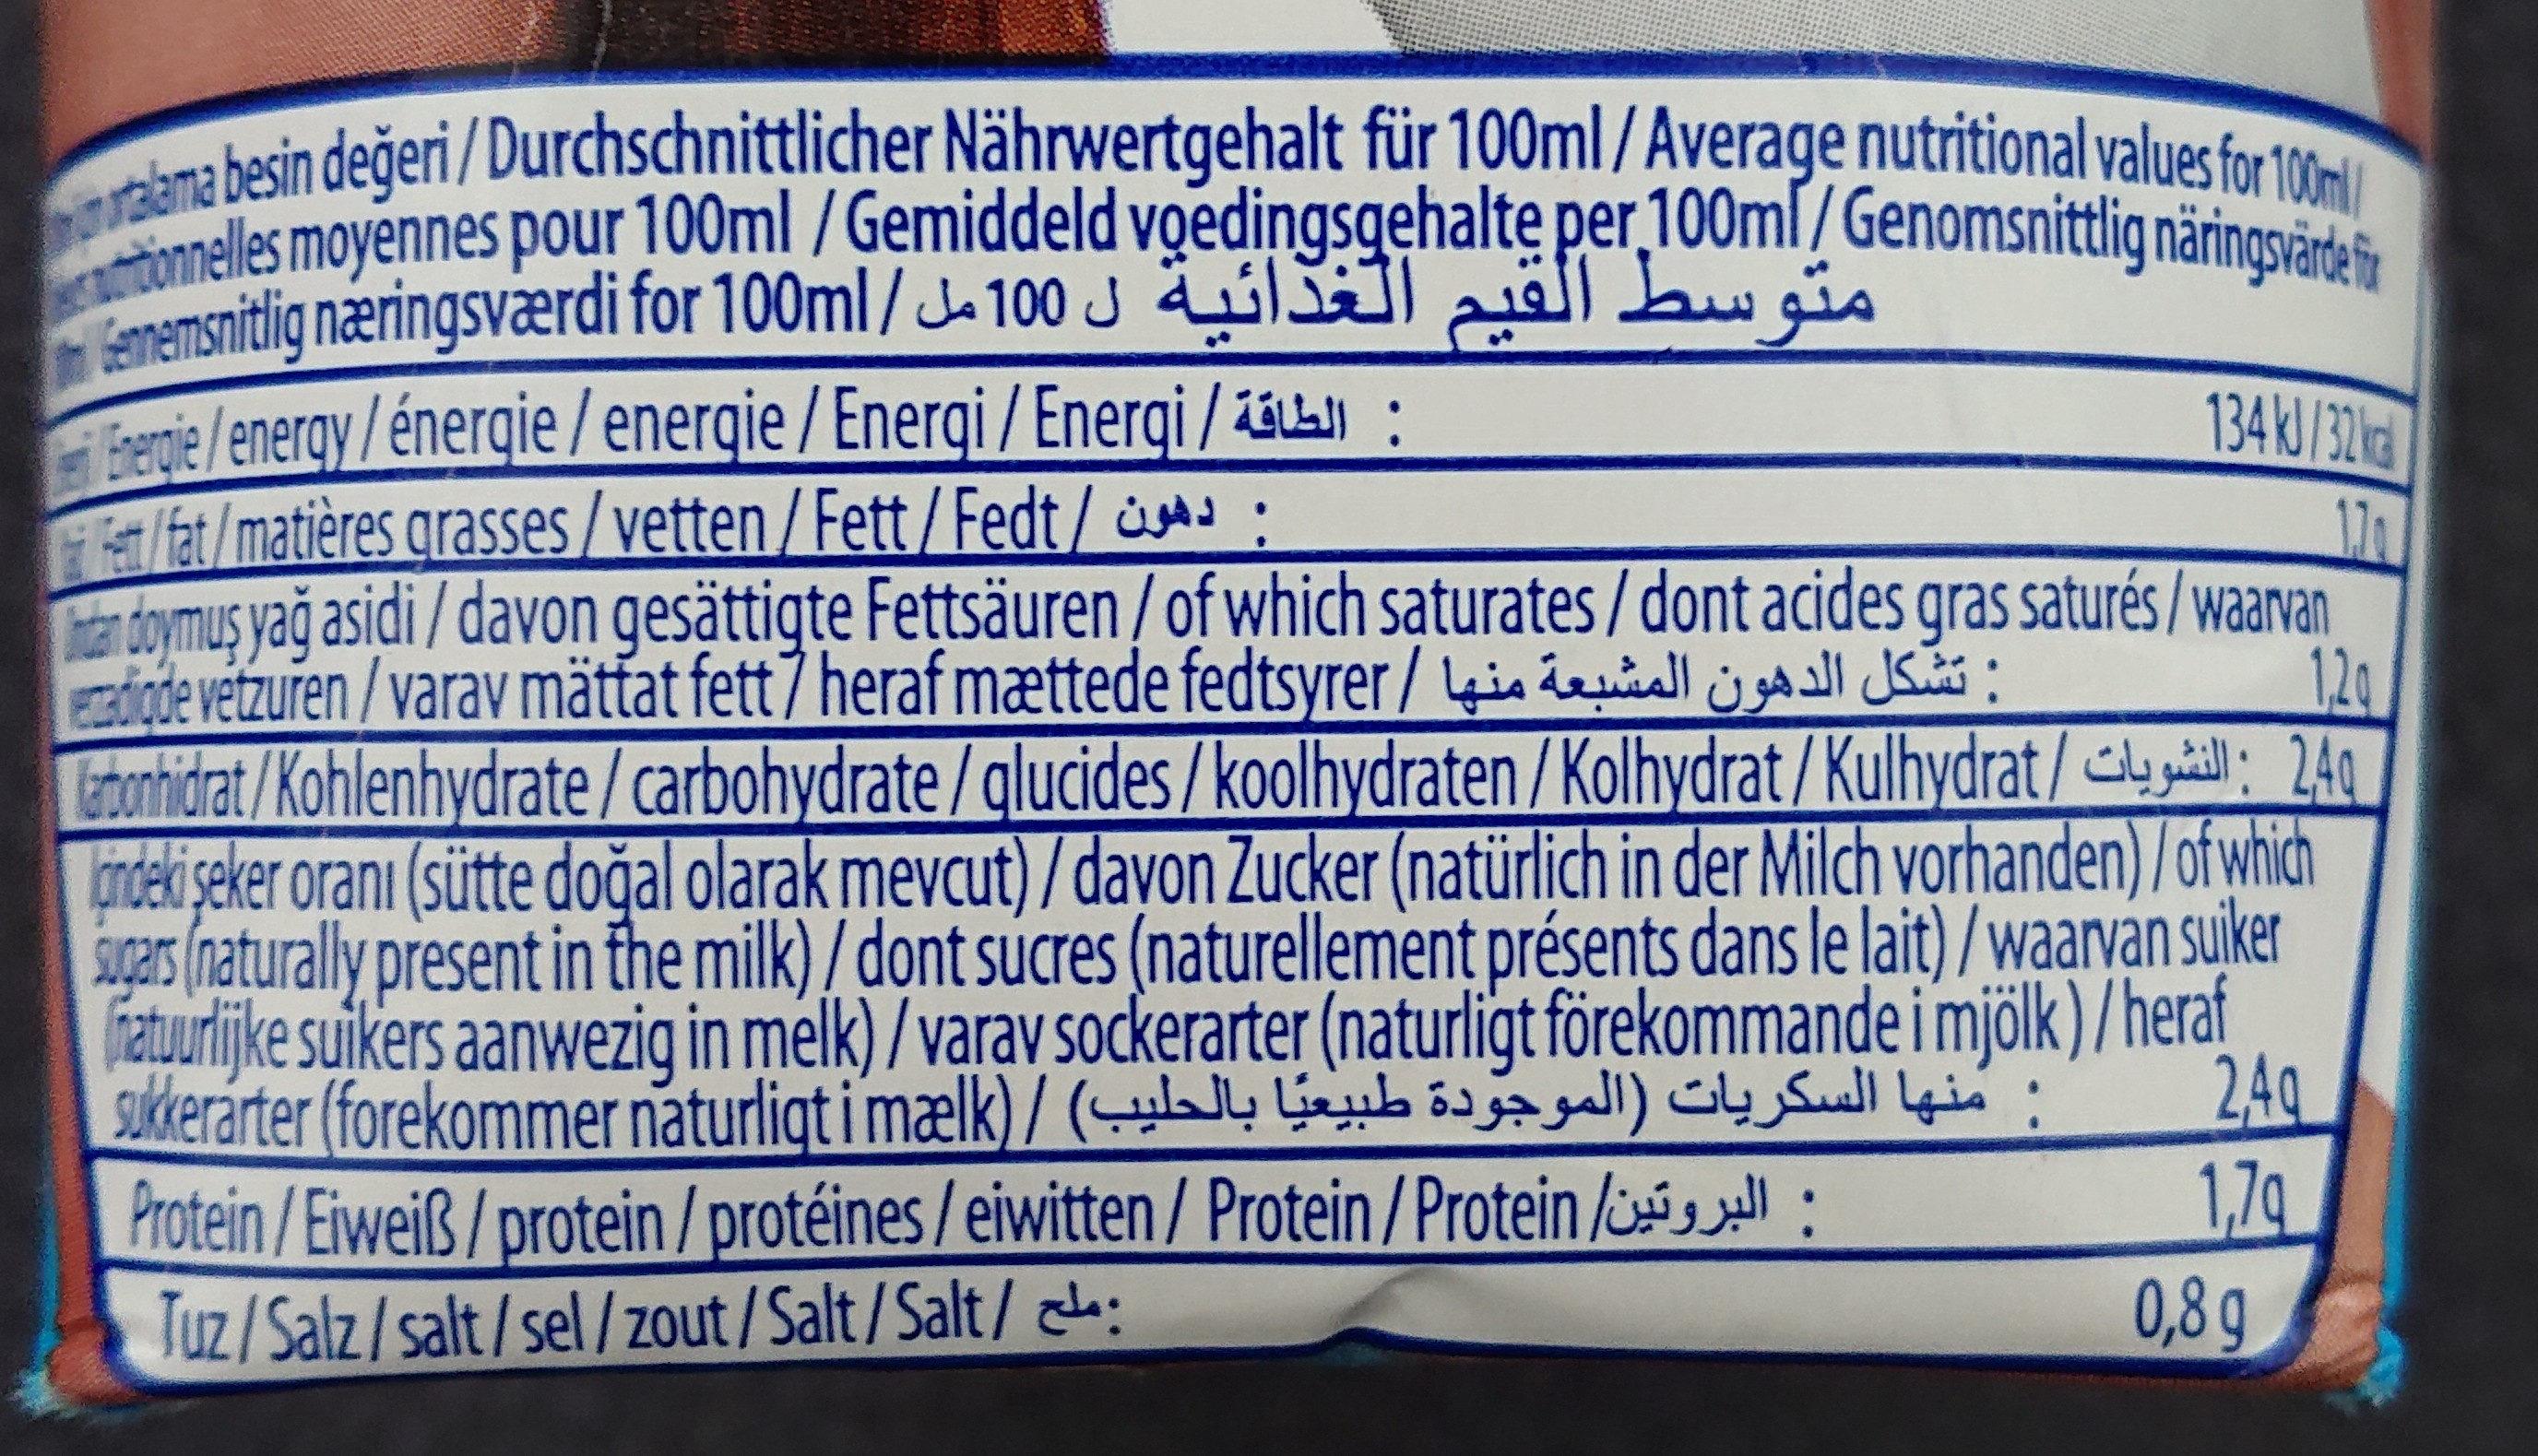 Ayran - Boisson lactée à la turque - Nutrition facts